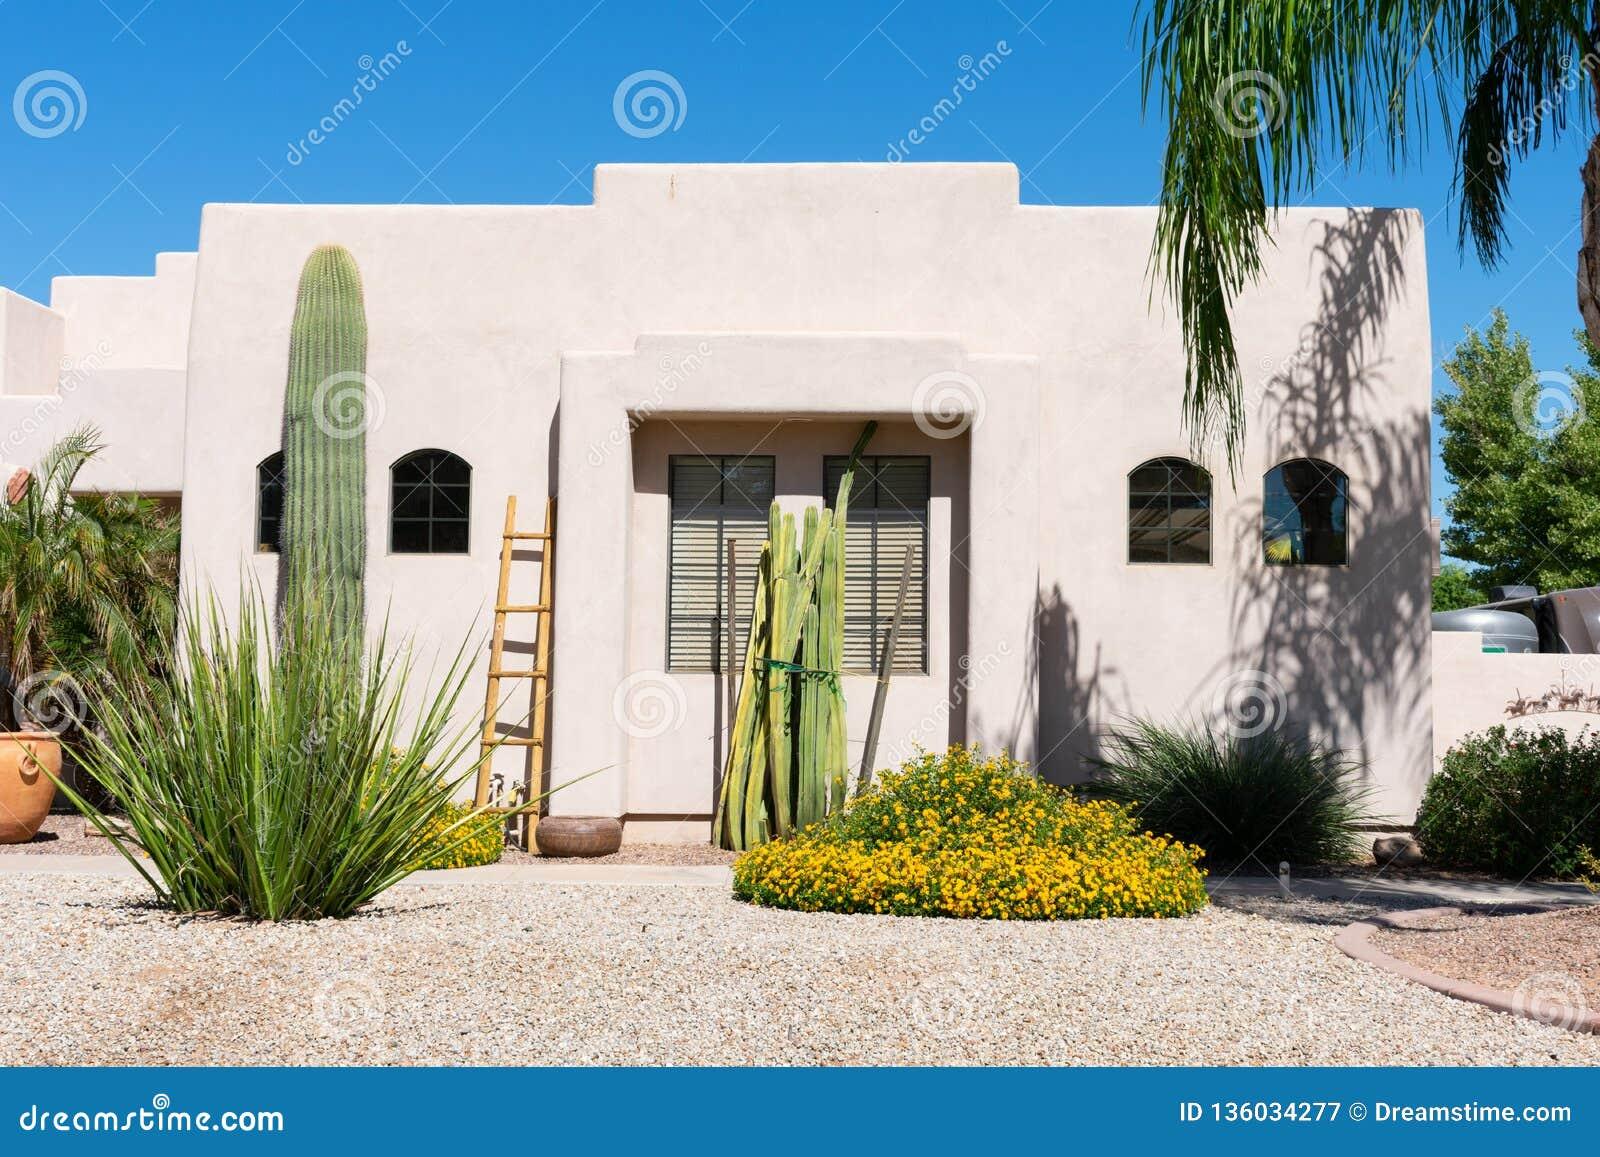 Casa do estilo de Santa Fe com o cacto no jardim da frente